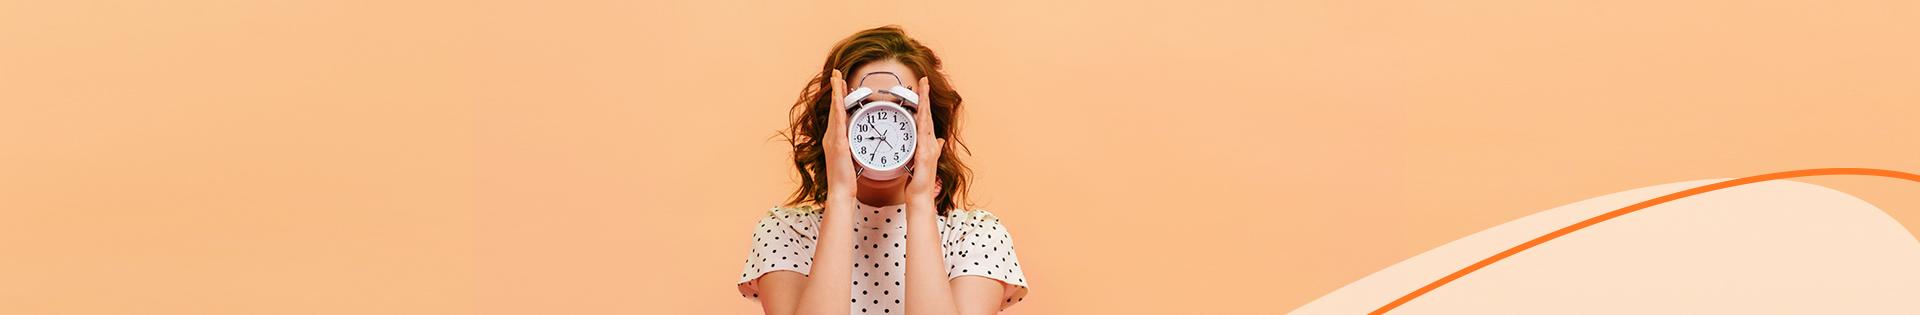 Menopausa precoce: veja como identificar os sintomas